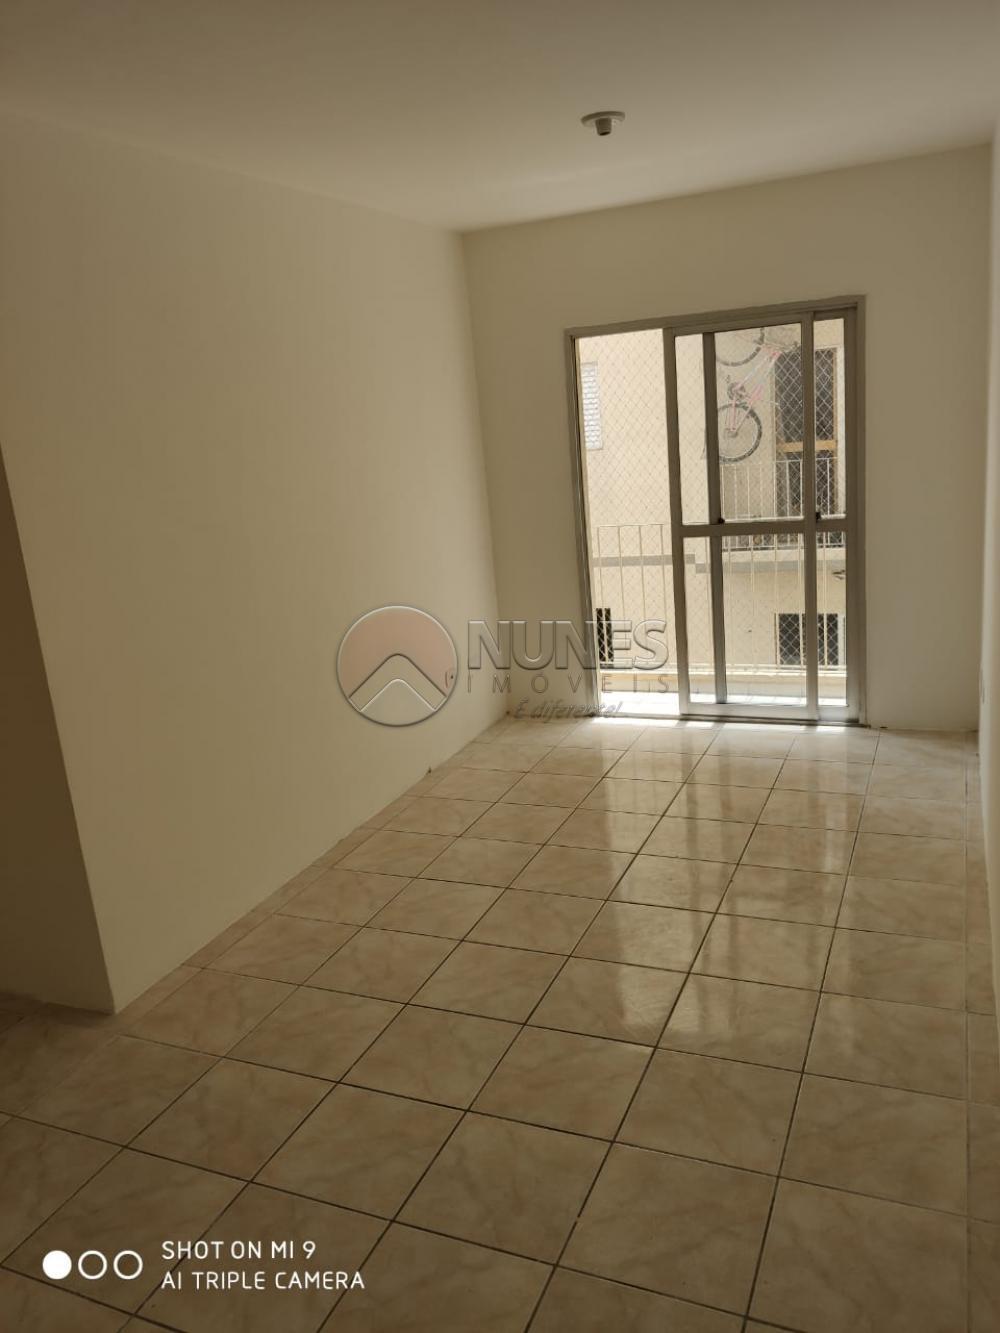 Comprar Apartamento / Padrão em Osasco apenas R$ 229.000,00 - Foto 2